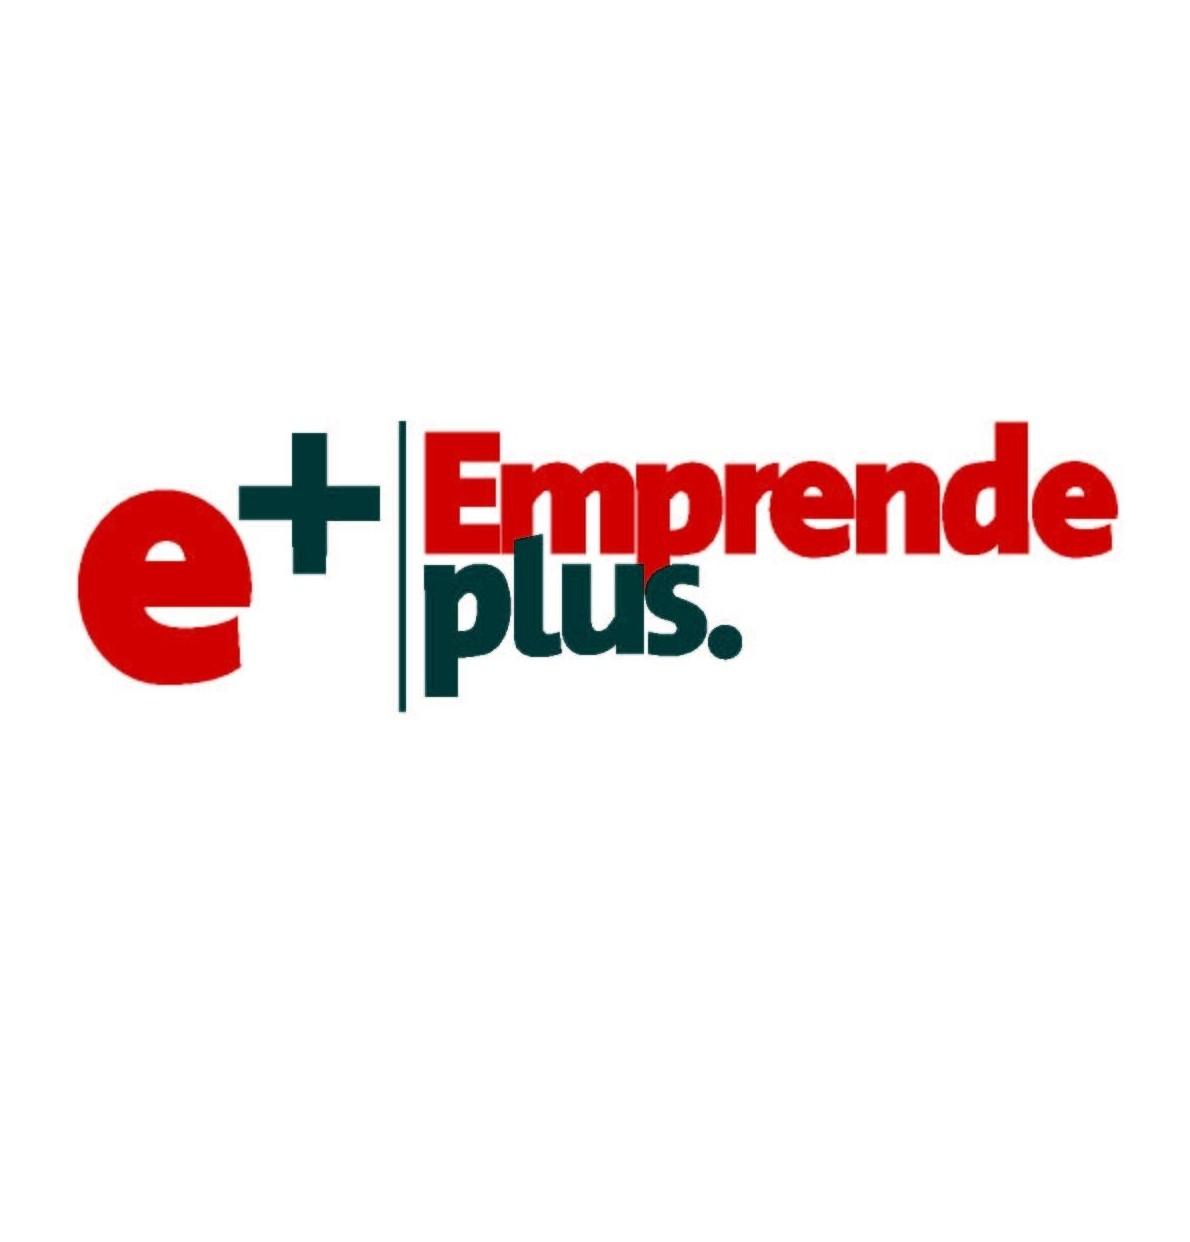 Jornada Elda-Petrer IDEA e+